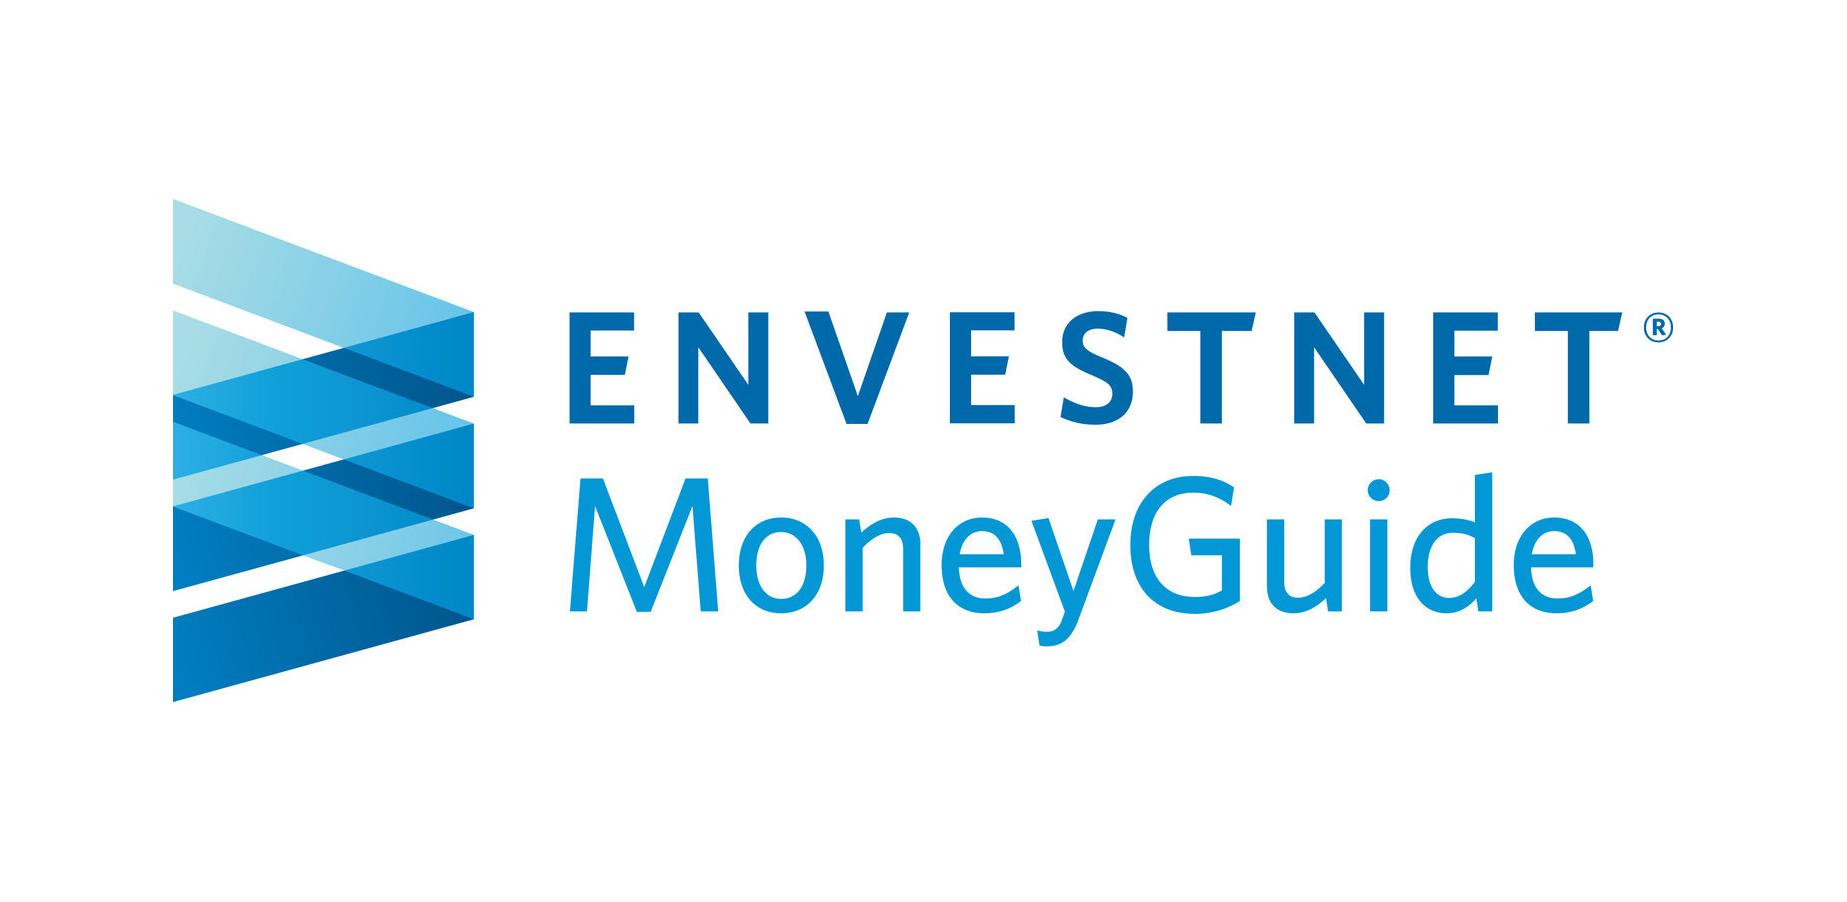 Envestnet MoneyGuide Middleton, MA Tapparo Capital Management